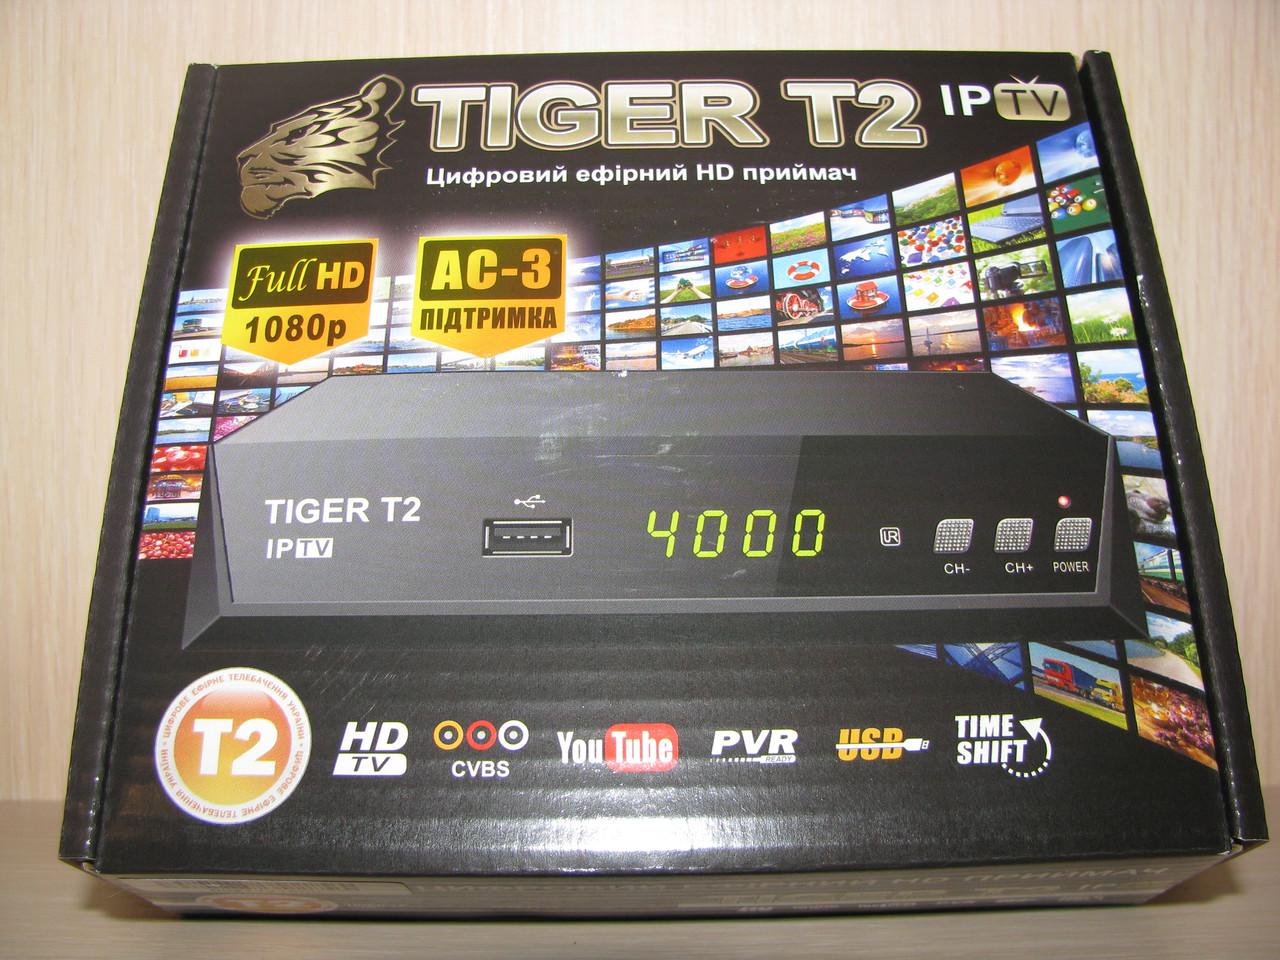 Tiger T2 IPTV цифровой эфирный DVB-T2 ресивер